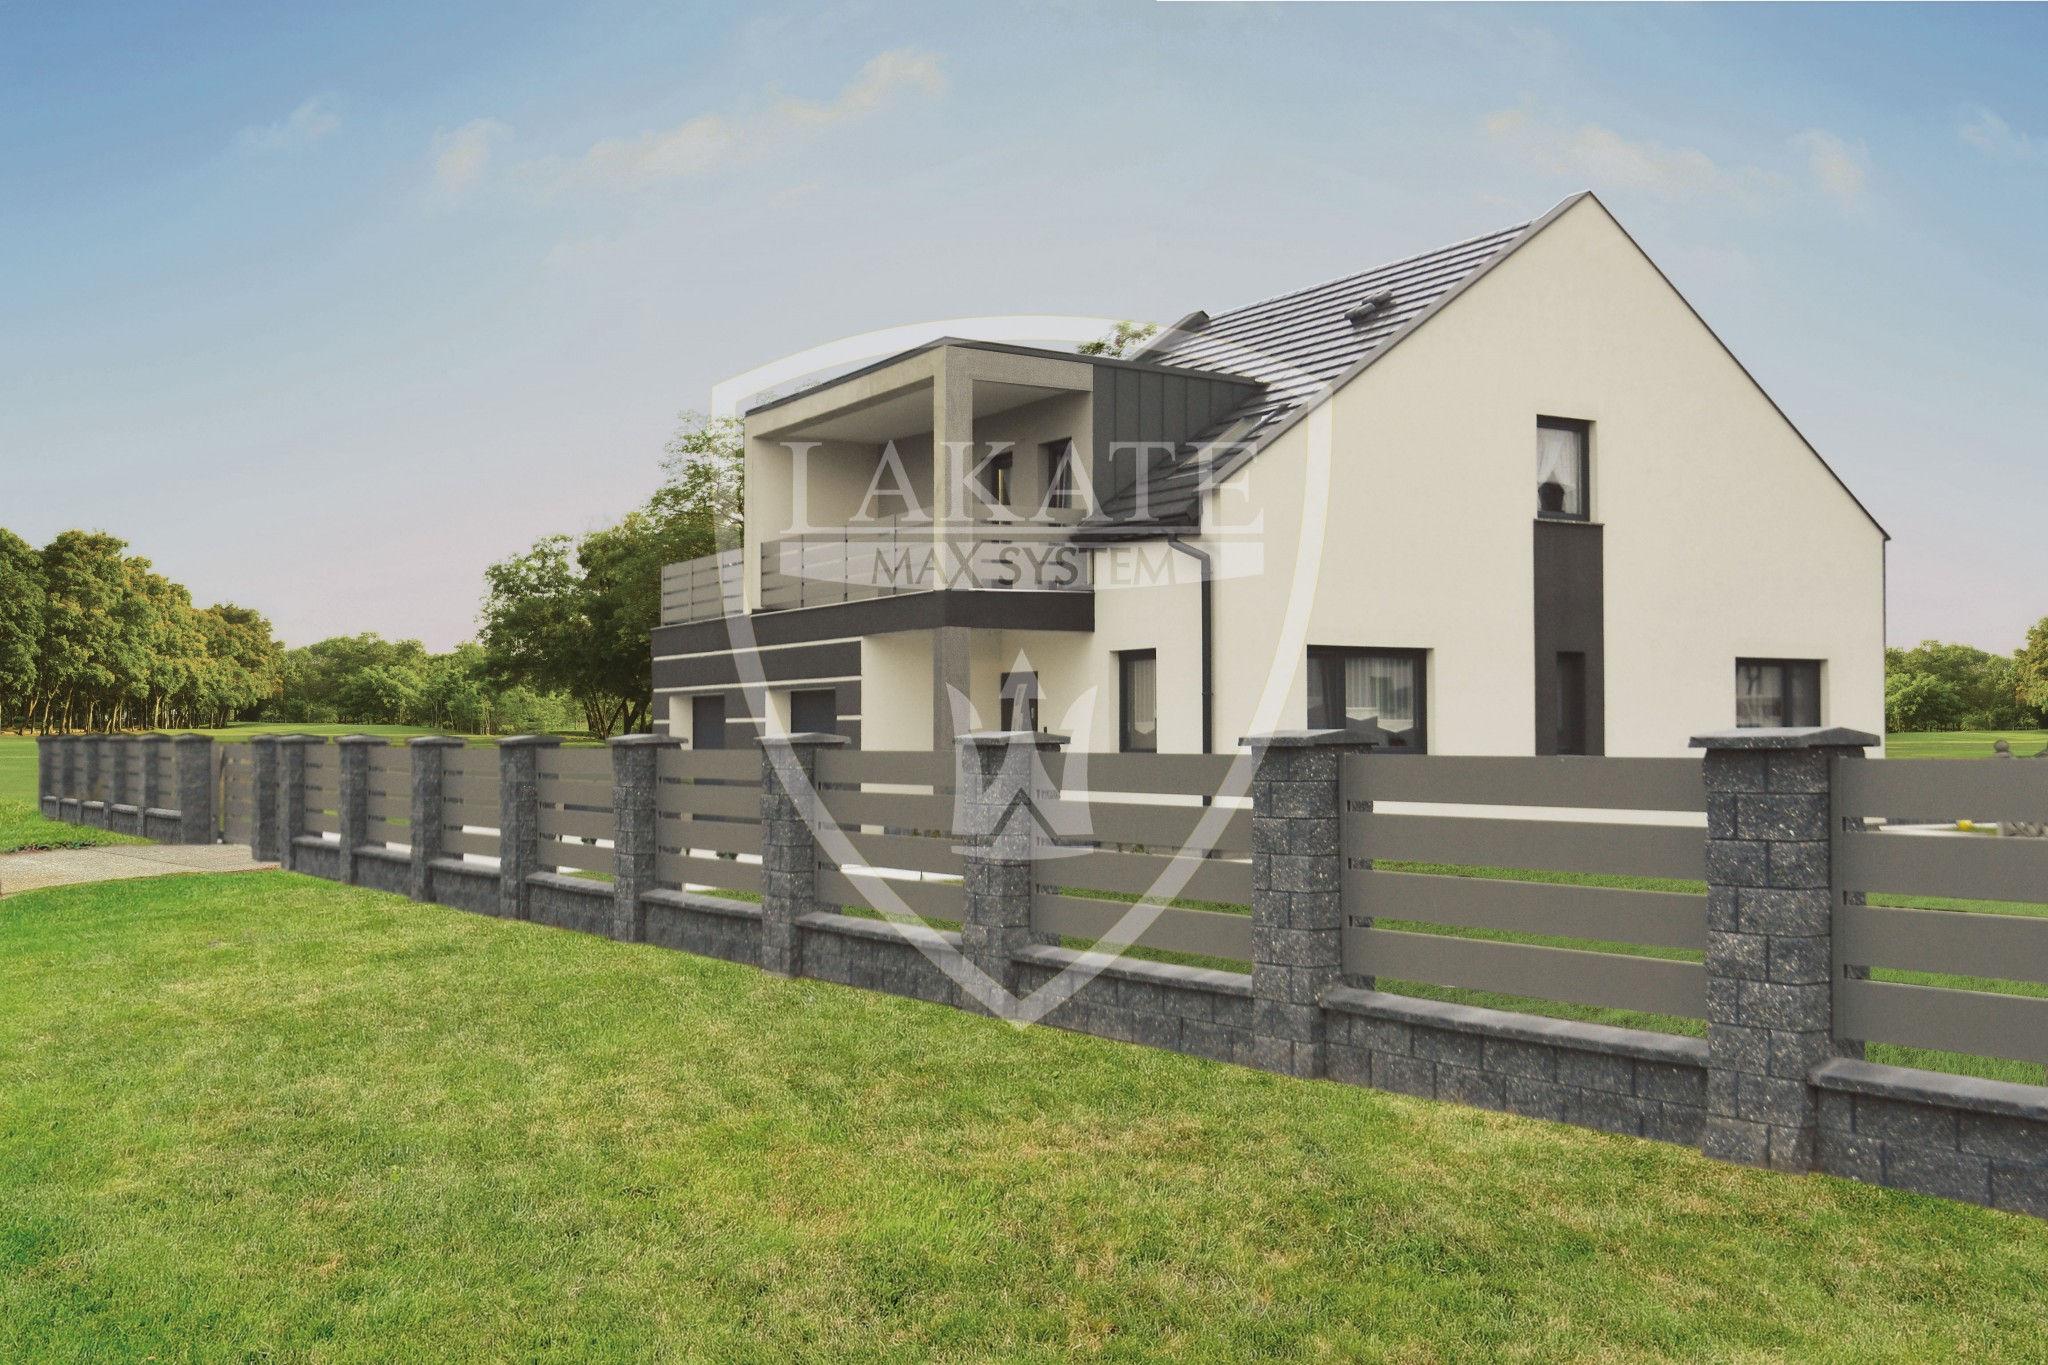 Ogrodzenie Alu Fence, balustrady aluminiowe